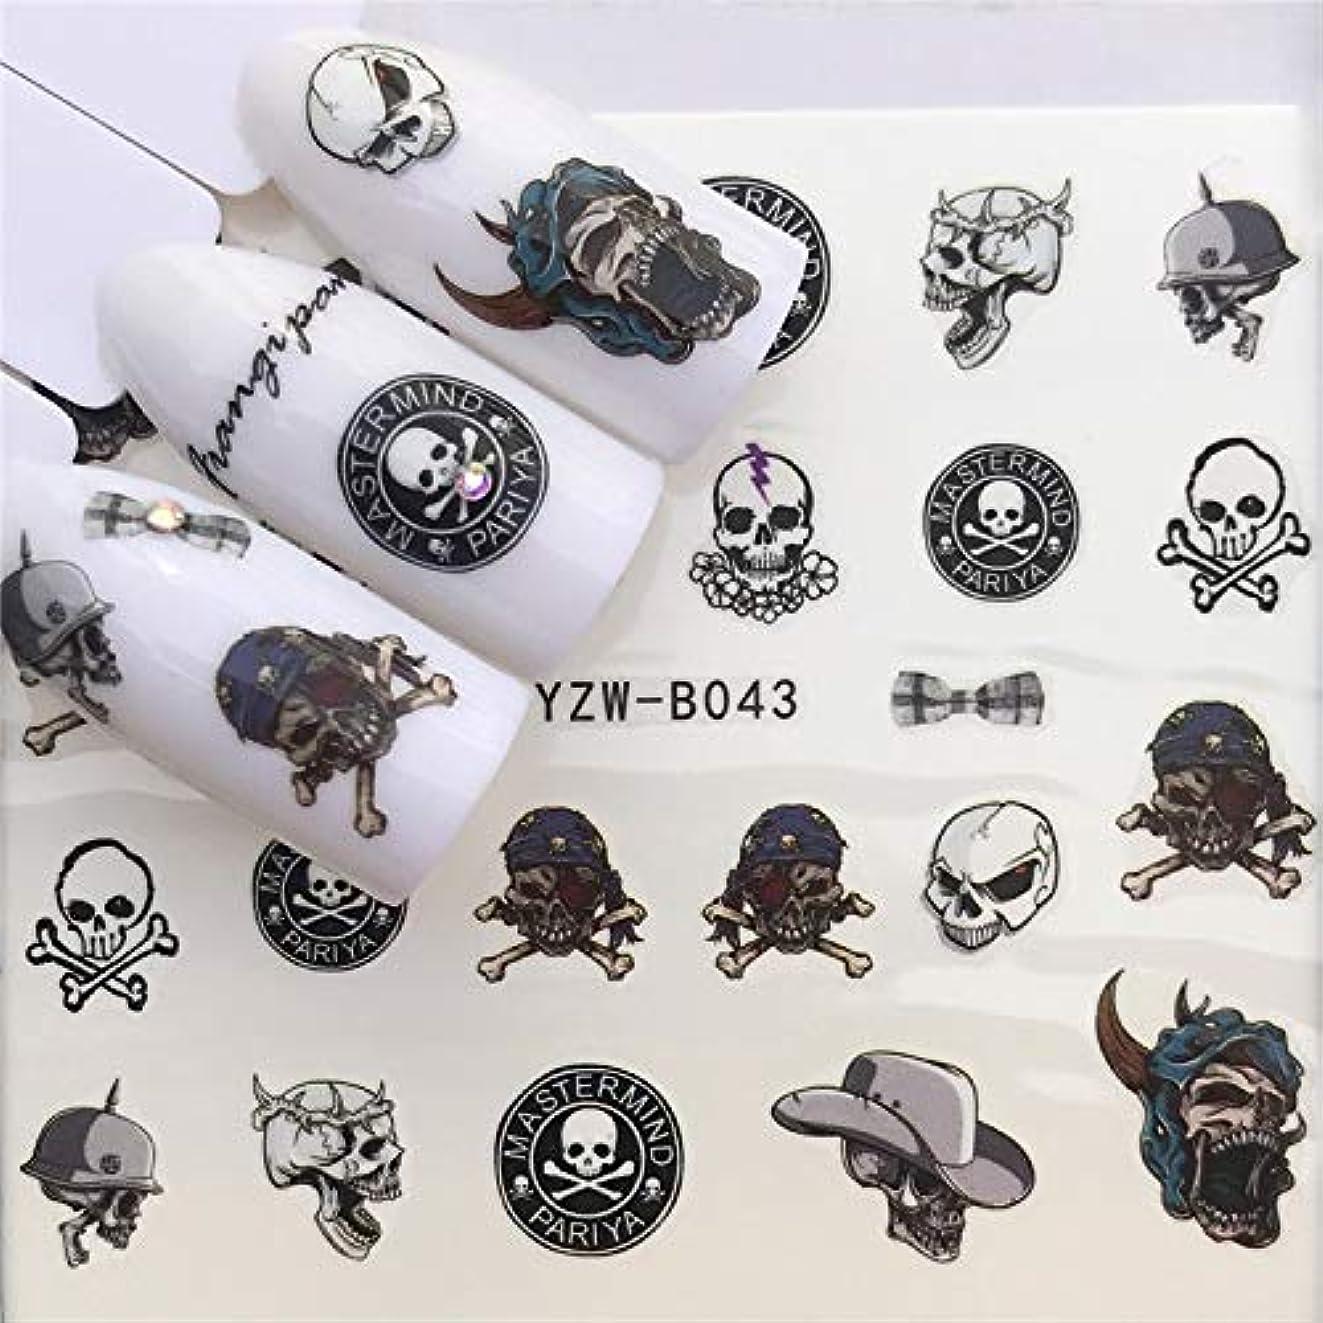 没頭する意味些細手足ビューティーケア 3個ネイルステッカーセットデカール水転写スライダーネイルアートデコレーション、色:YZWB043